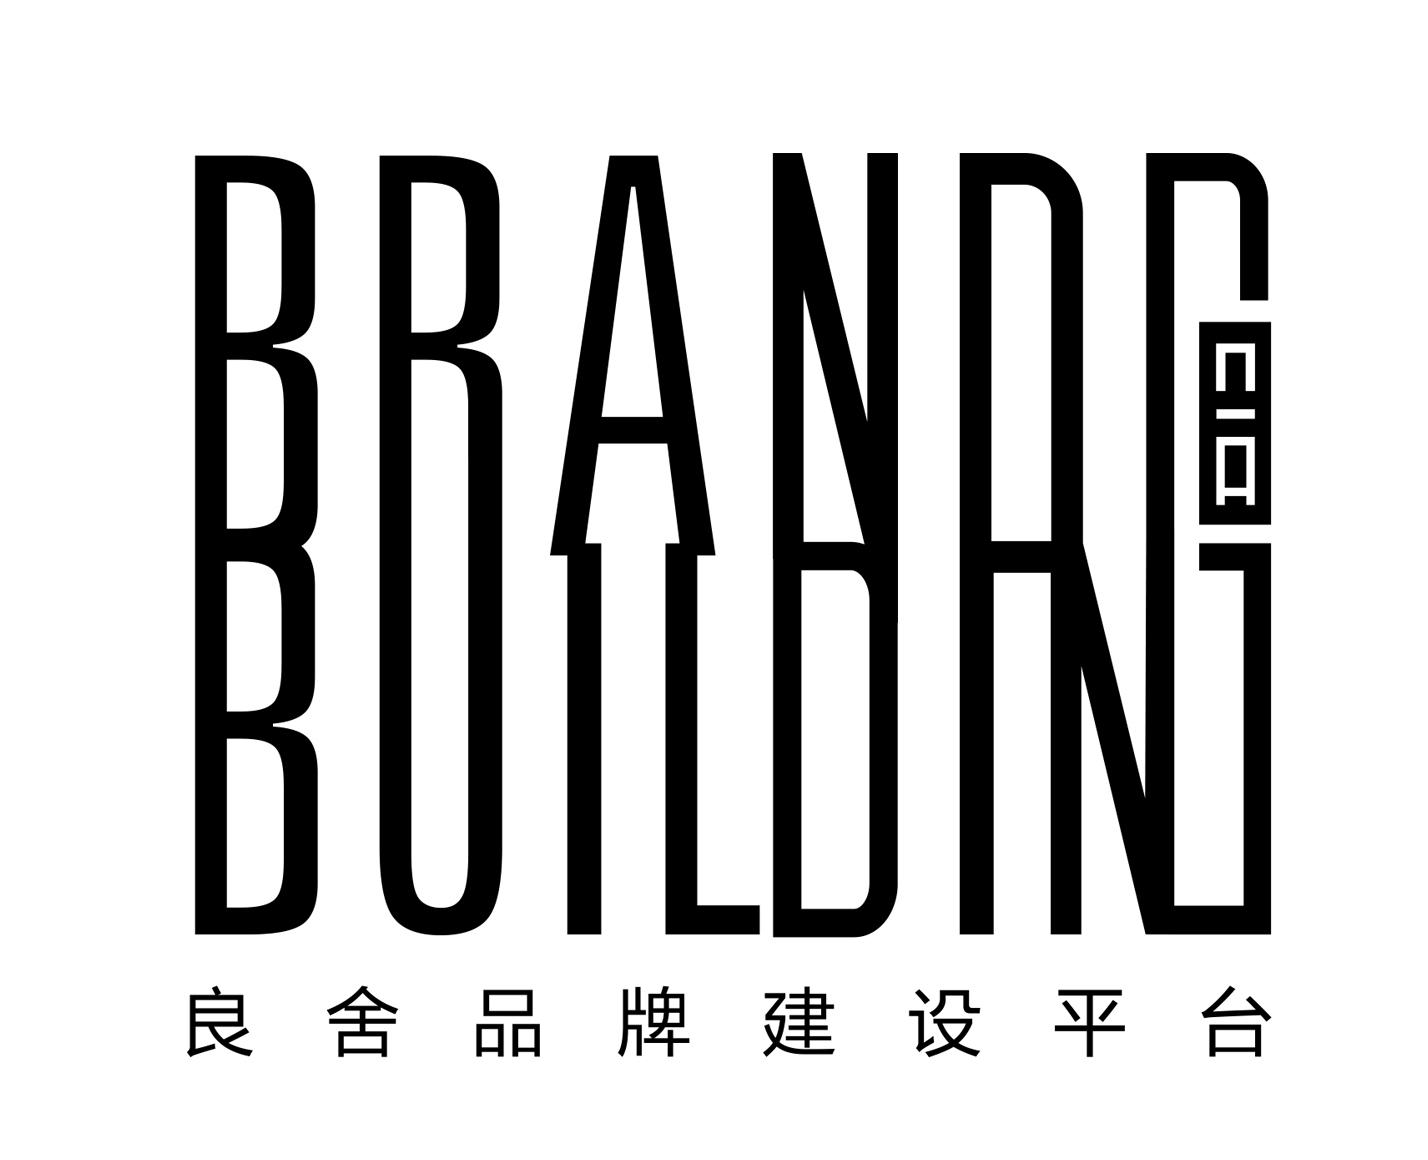 济南品牌策划_品牌文胸相关-山东良舍装饰设计有限公司